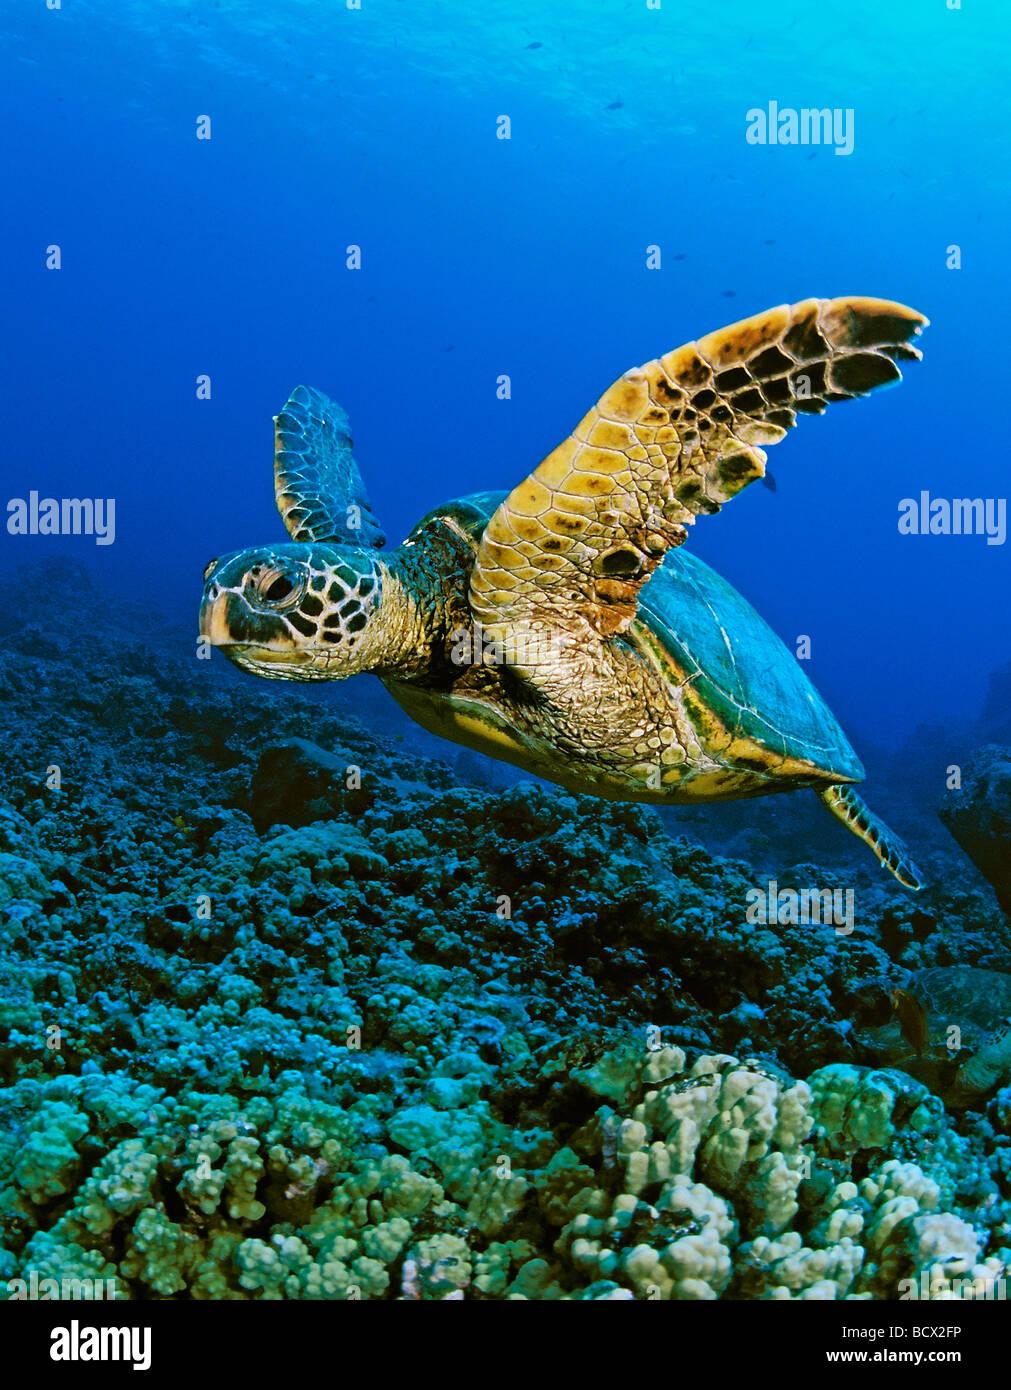 Tortugas marinas verdes, Chelonia mydas, Hawaii, EEUU, en Kona, Isla Grande, Océano Pacífico Imagen De Stock